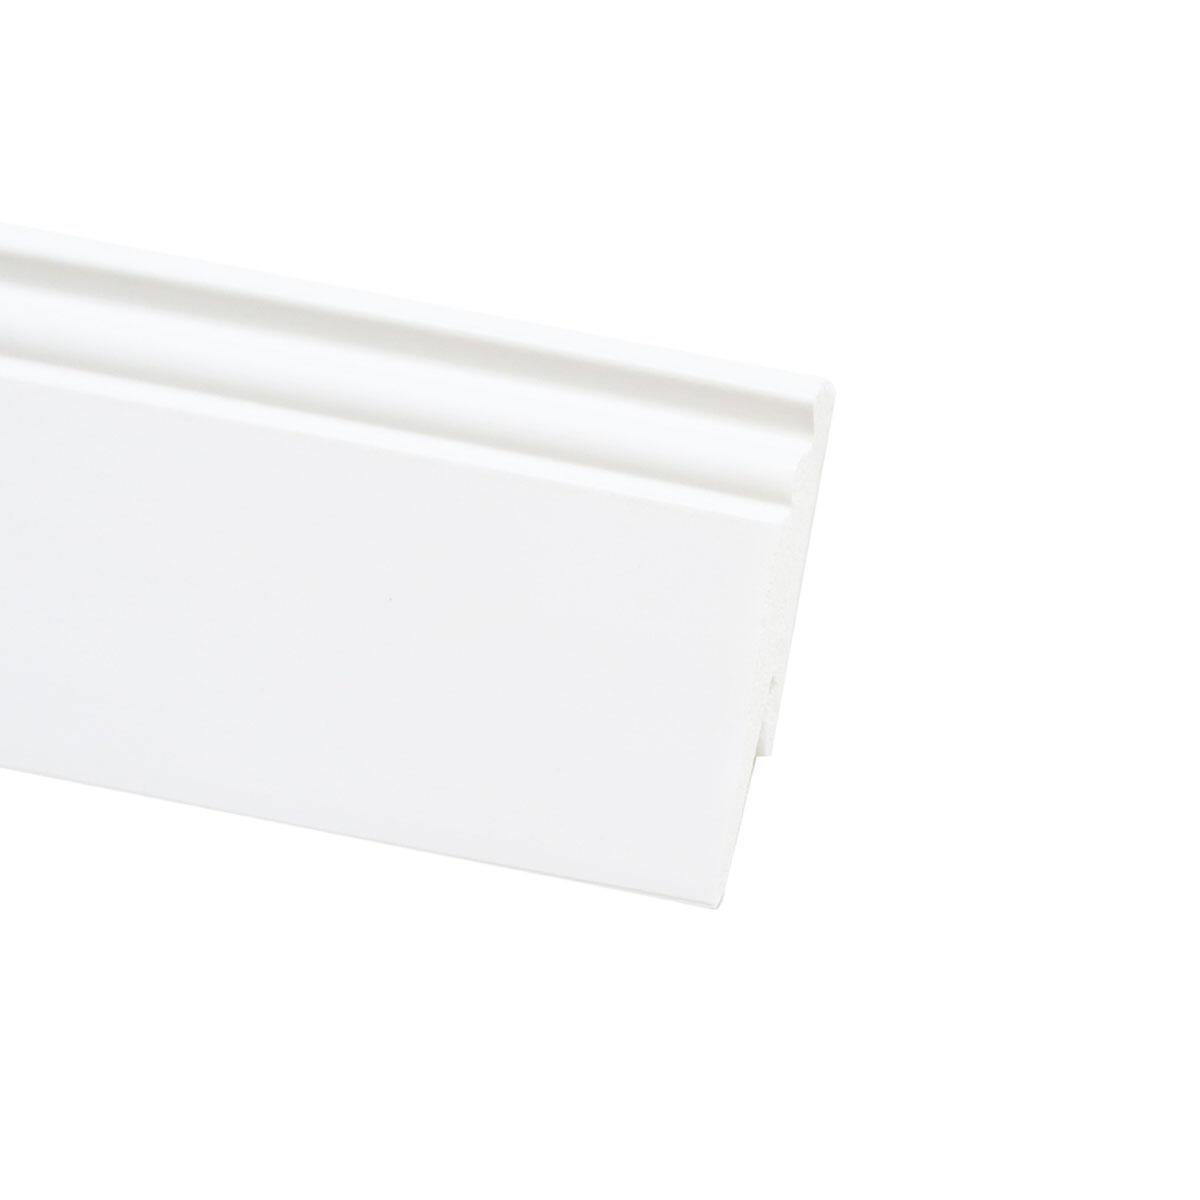 Battiscopa H 9 cm x L 2.4 m bianco - 3